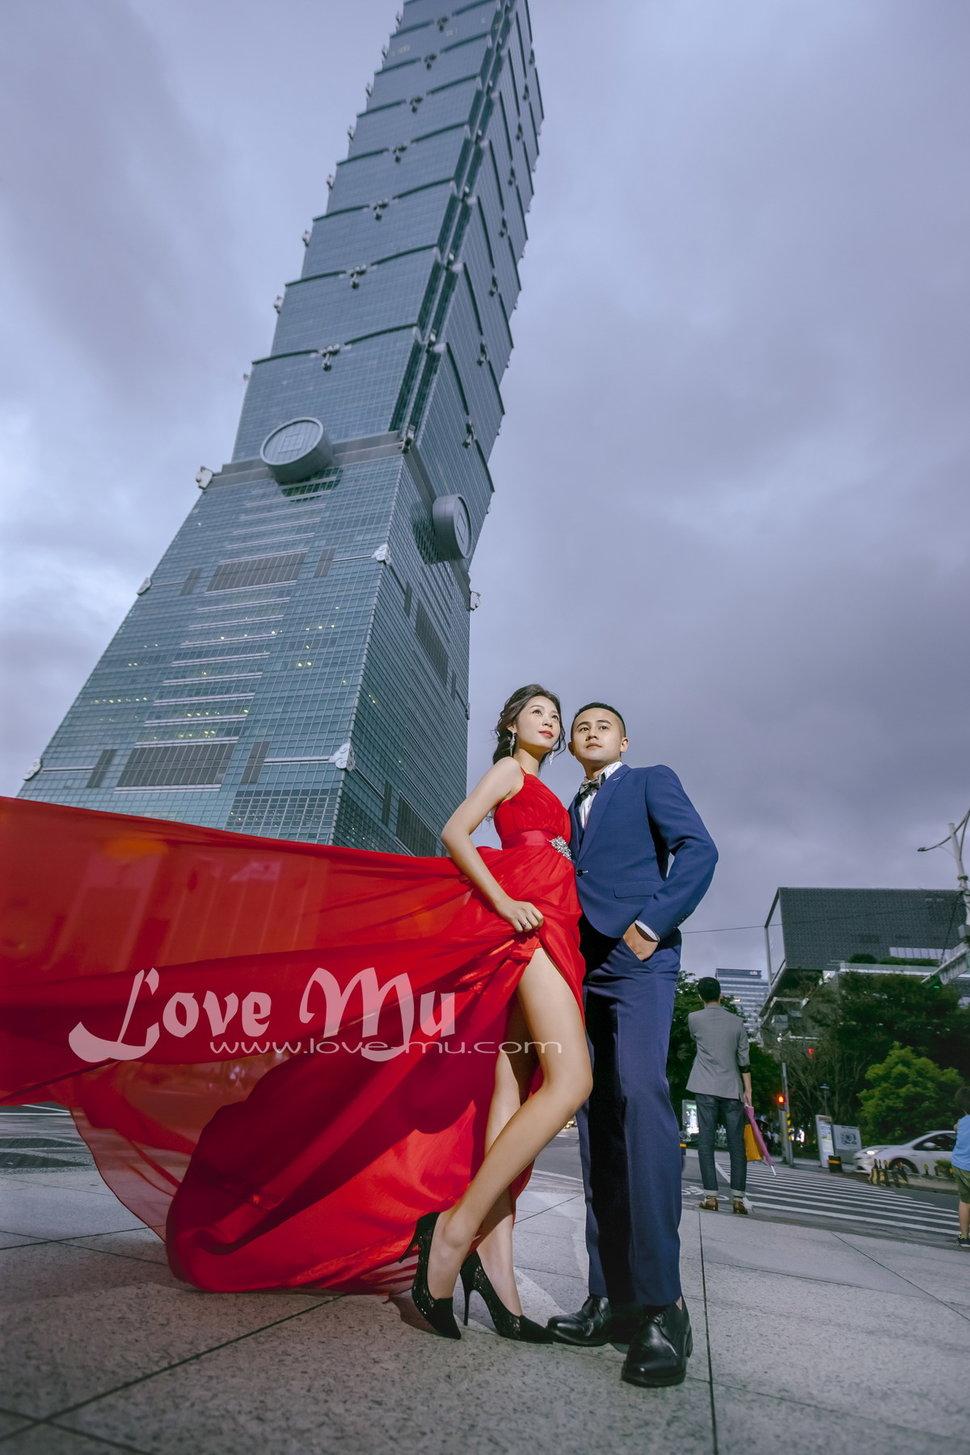 孟-009 - Love.Mu冷沐婚紗攝影~藝術館《結婚吧》